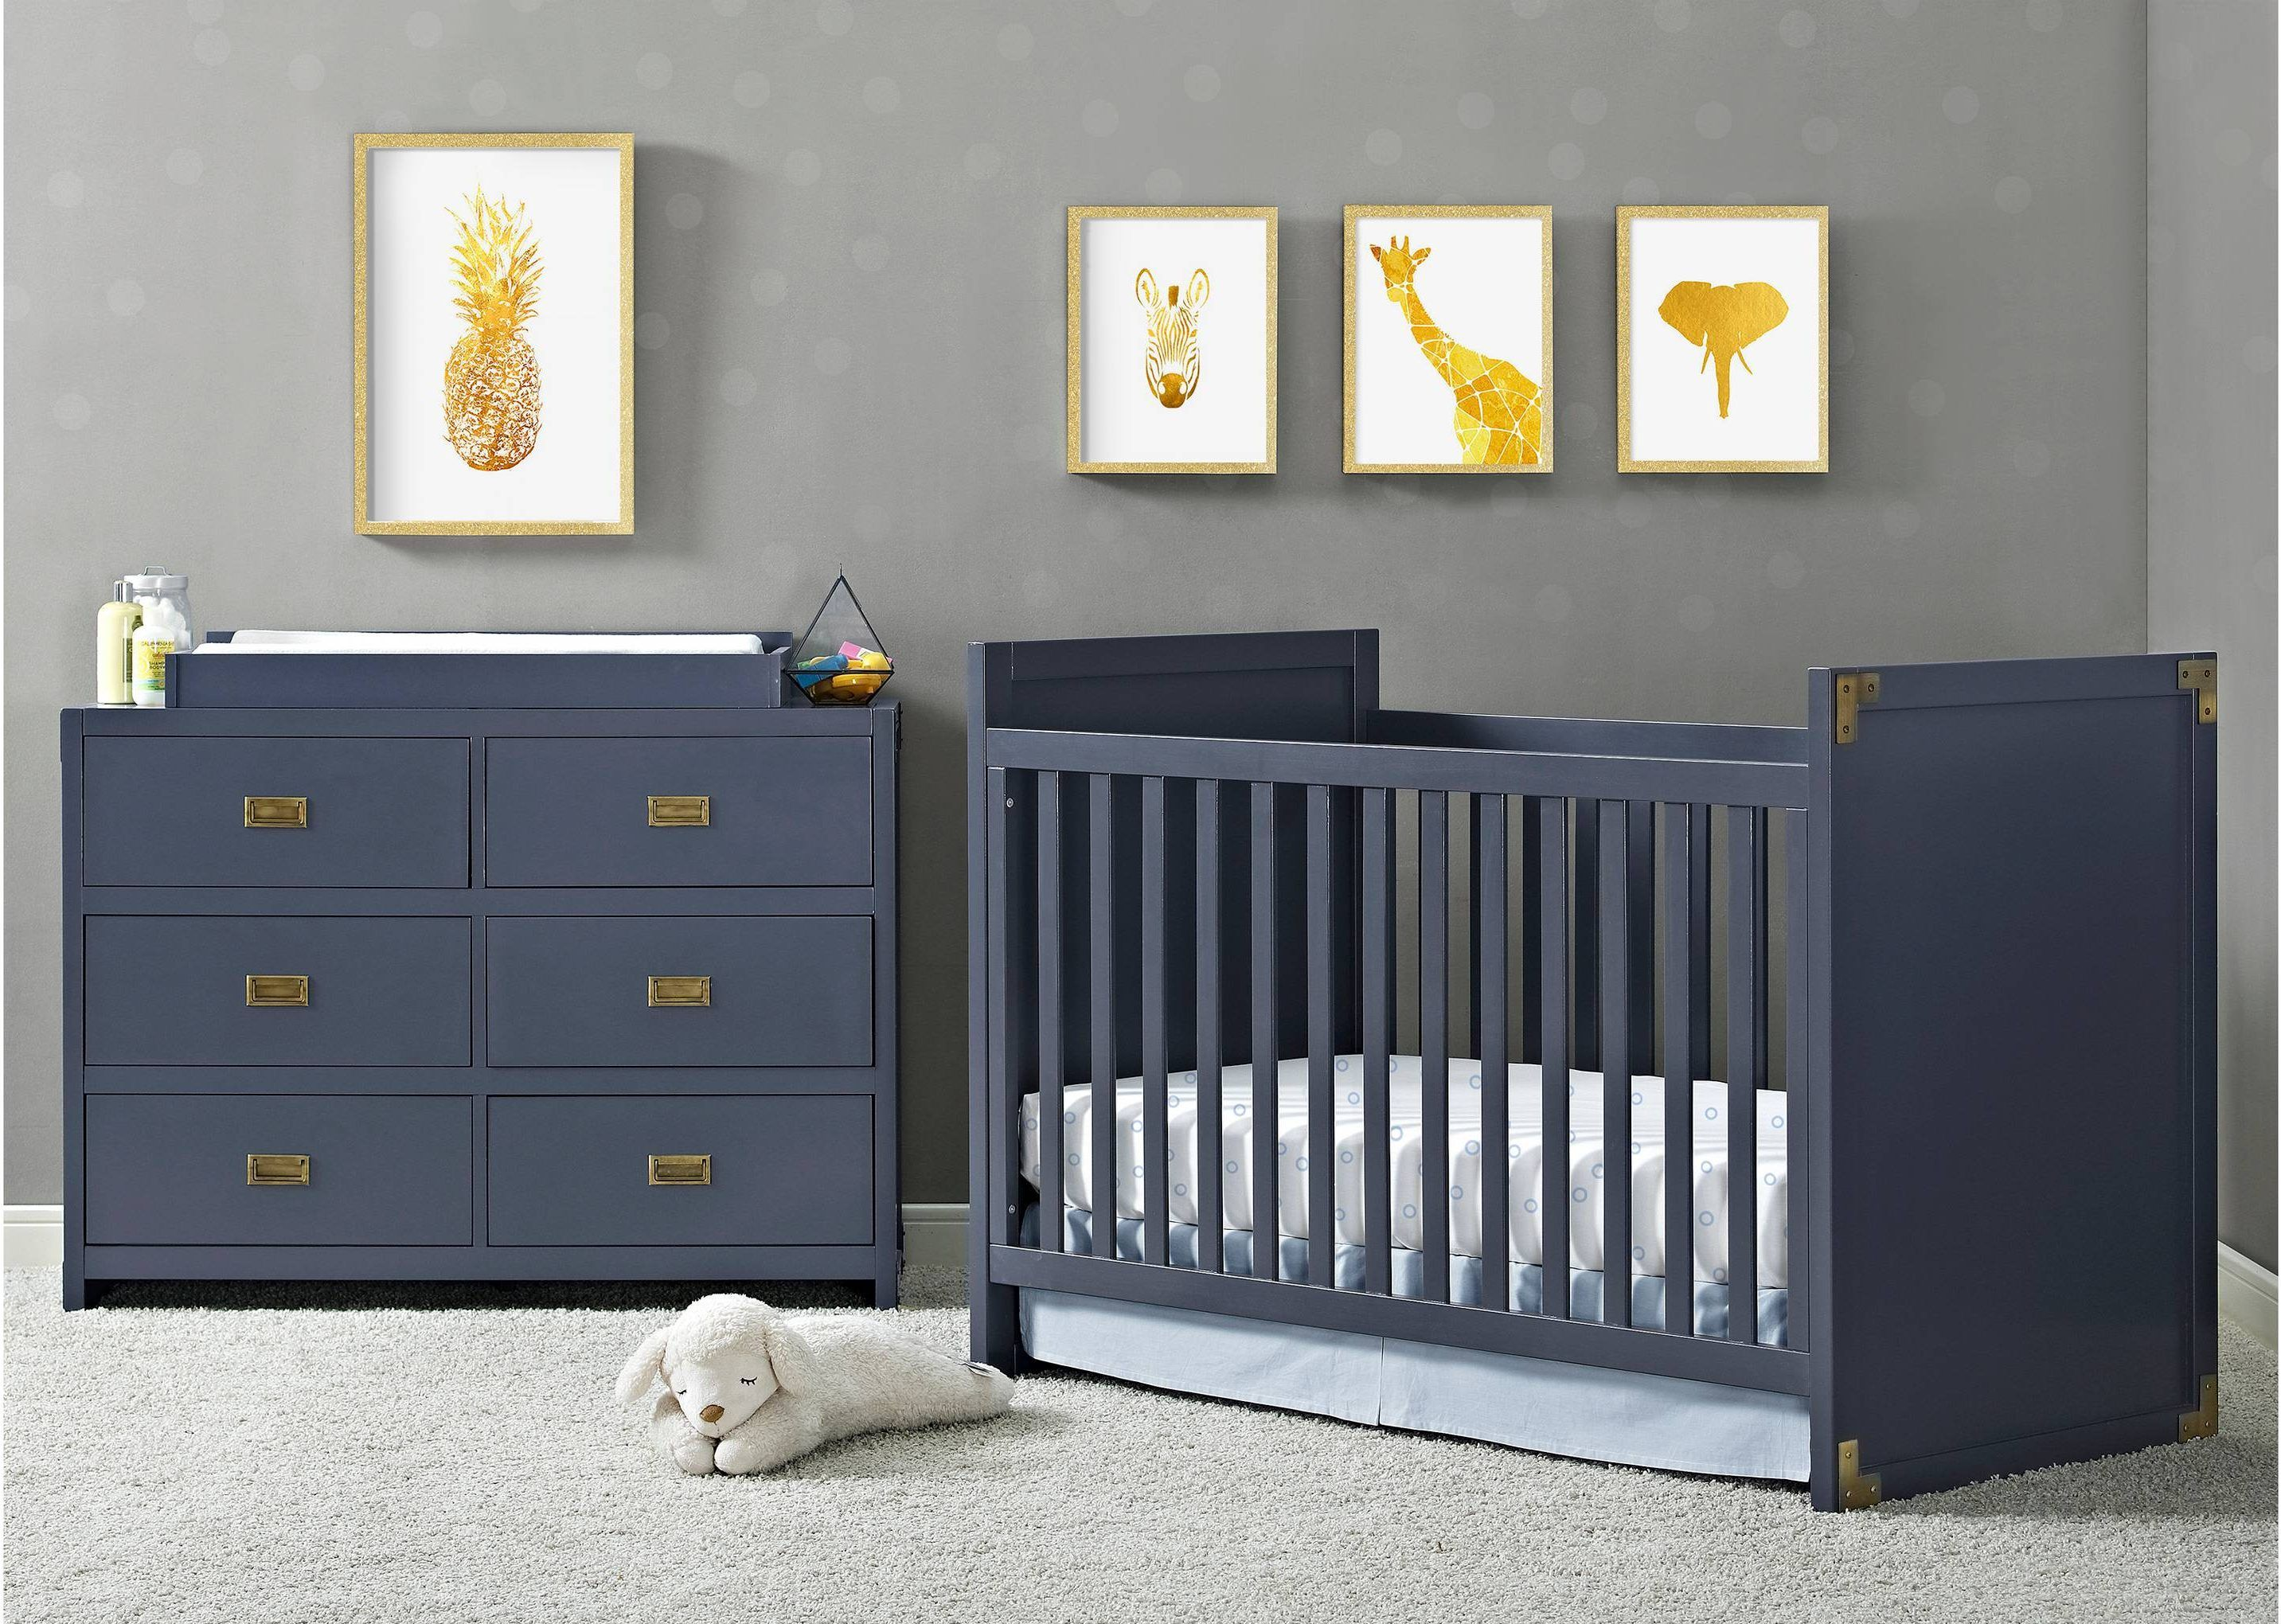 A Estrela Da Decora O Do Quarto Do Bebe O Ber O Em Azul Estilo  ~ Quarto Azul Marinho E Branco E Montar O Quarto Do Bebe